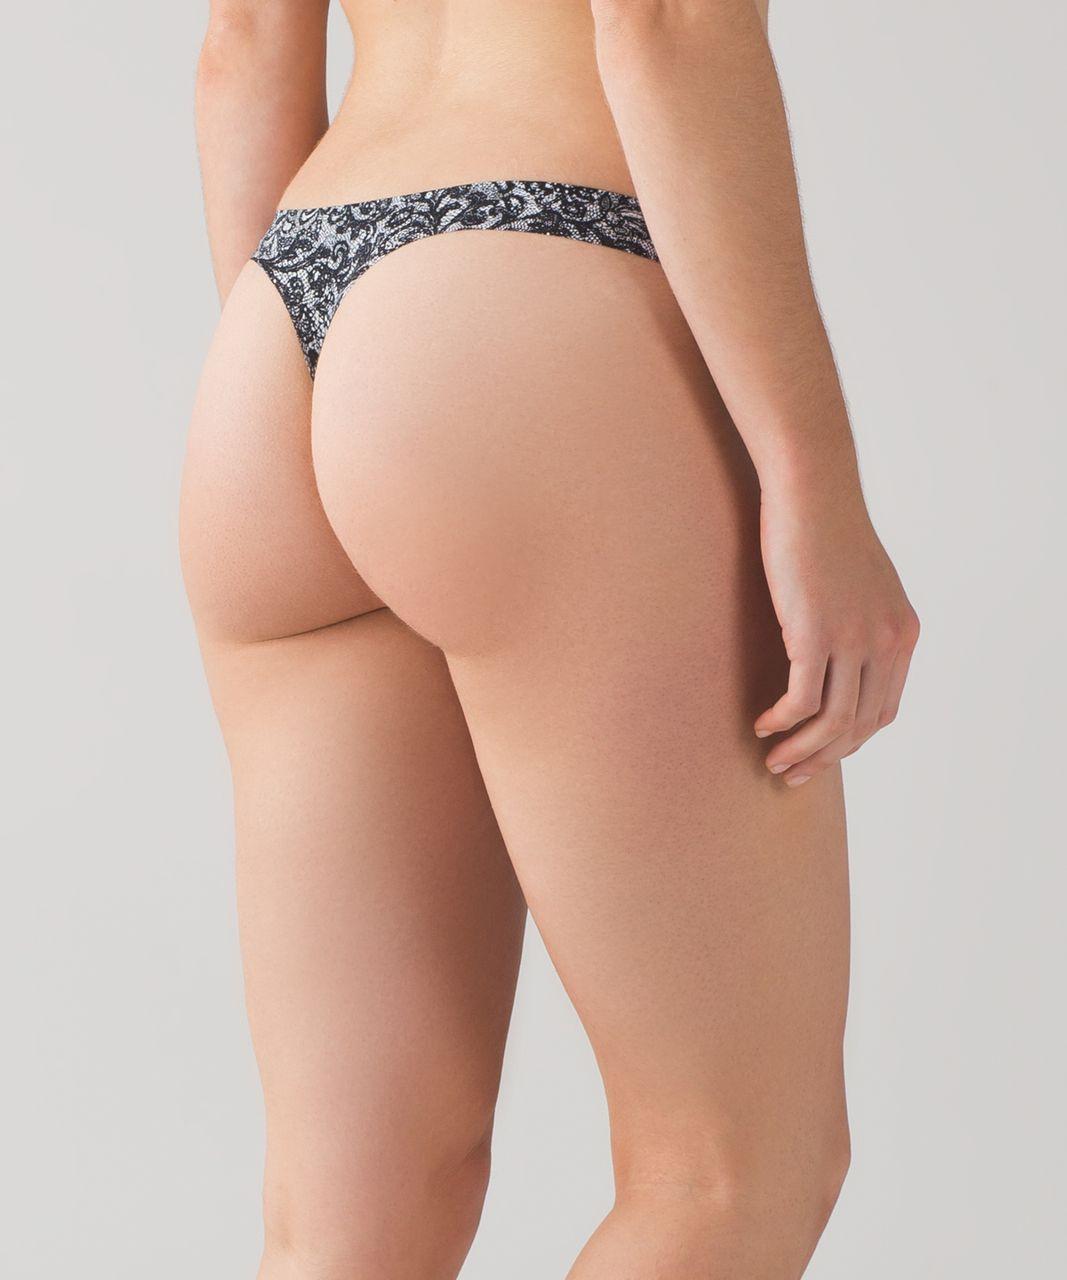 Lululemon Namastay Put Thong II - Mini Cinder Lace White Black